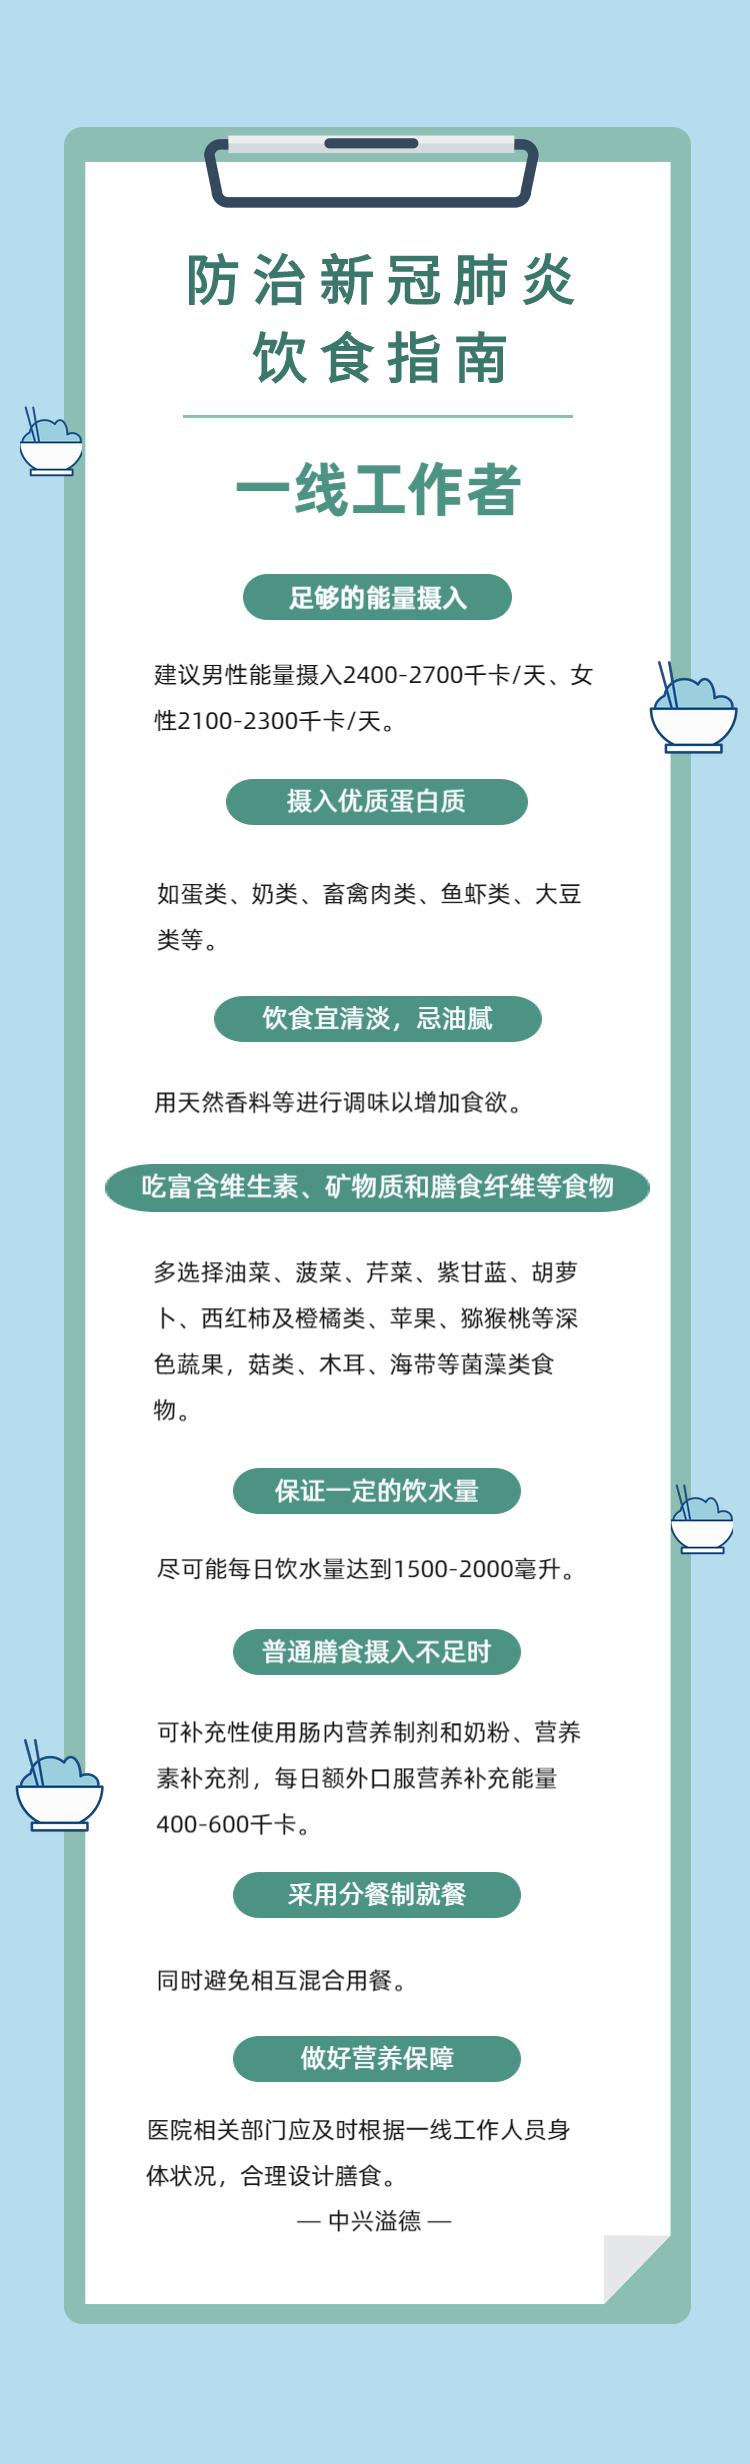 防治新冠肺炎饮食指南-3